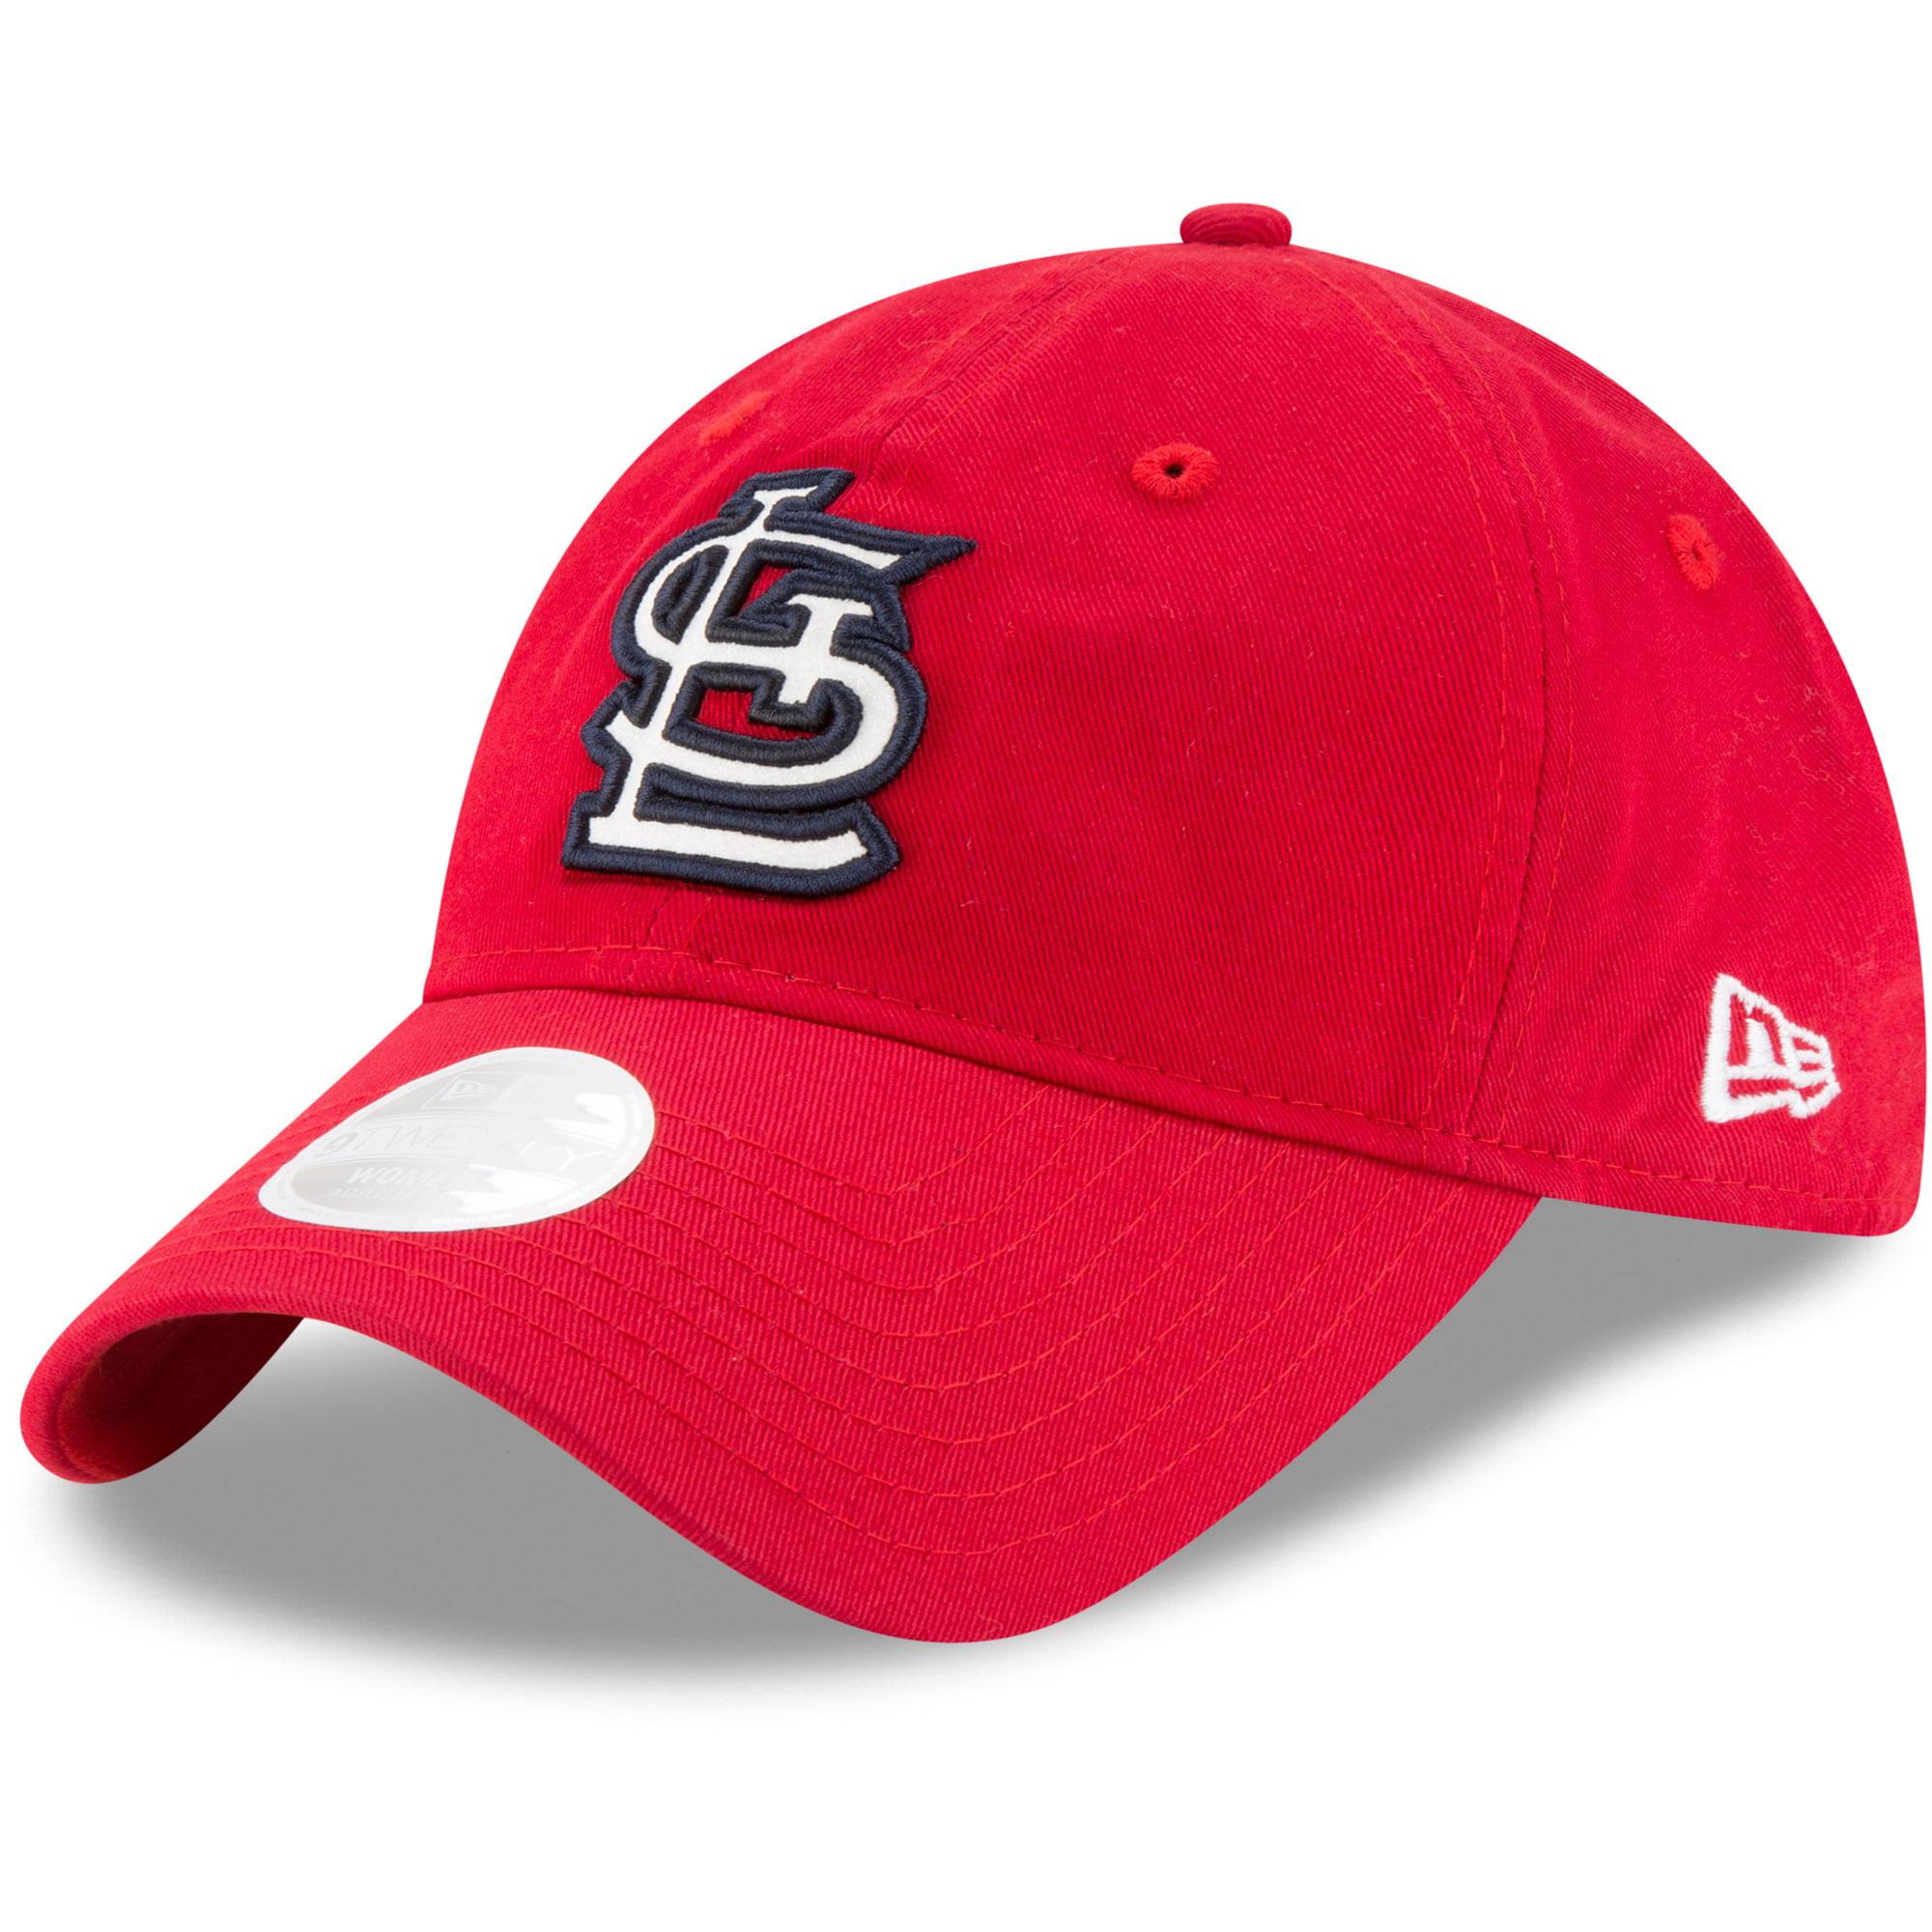 St. Louis Cardinals New Era Women's Team Glisten 9TWENTY Adjustable Hat - Red - OSFA